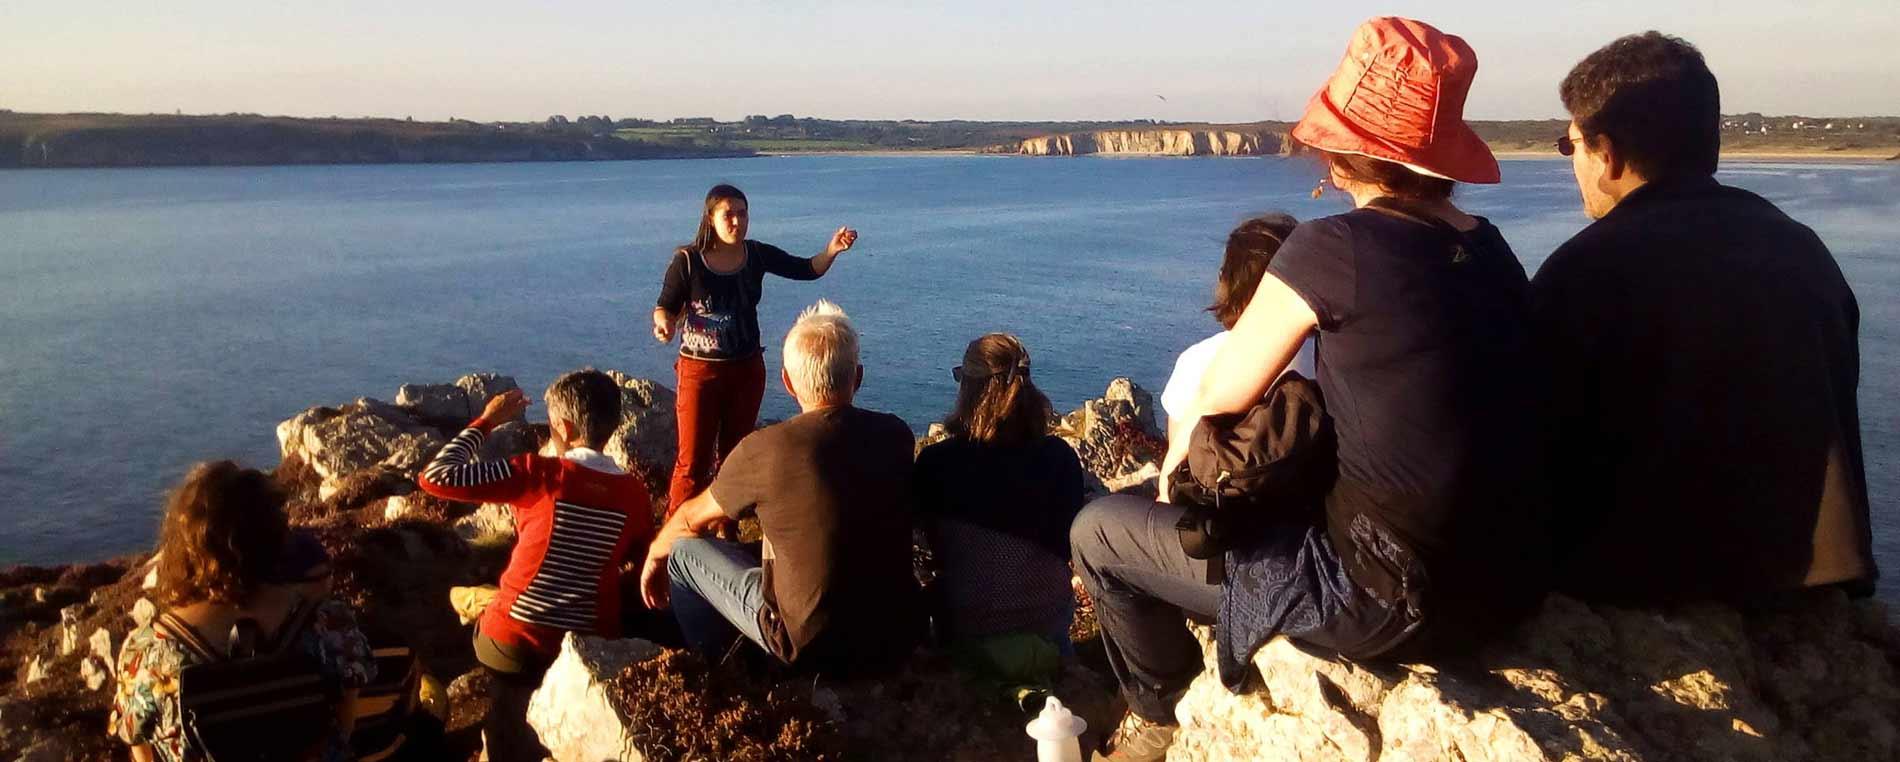 Crozon : voyage au pays des roches et des minéraux